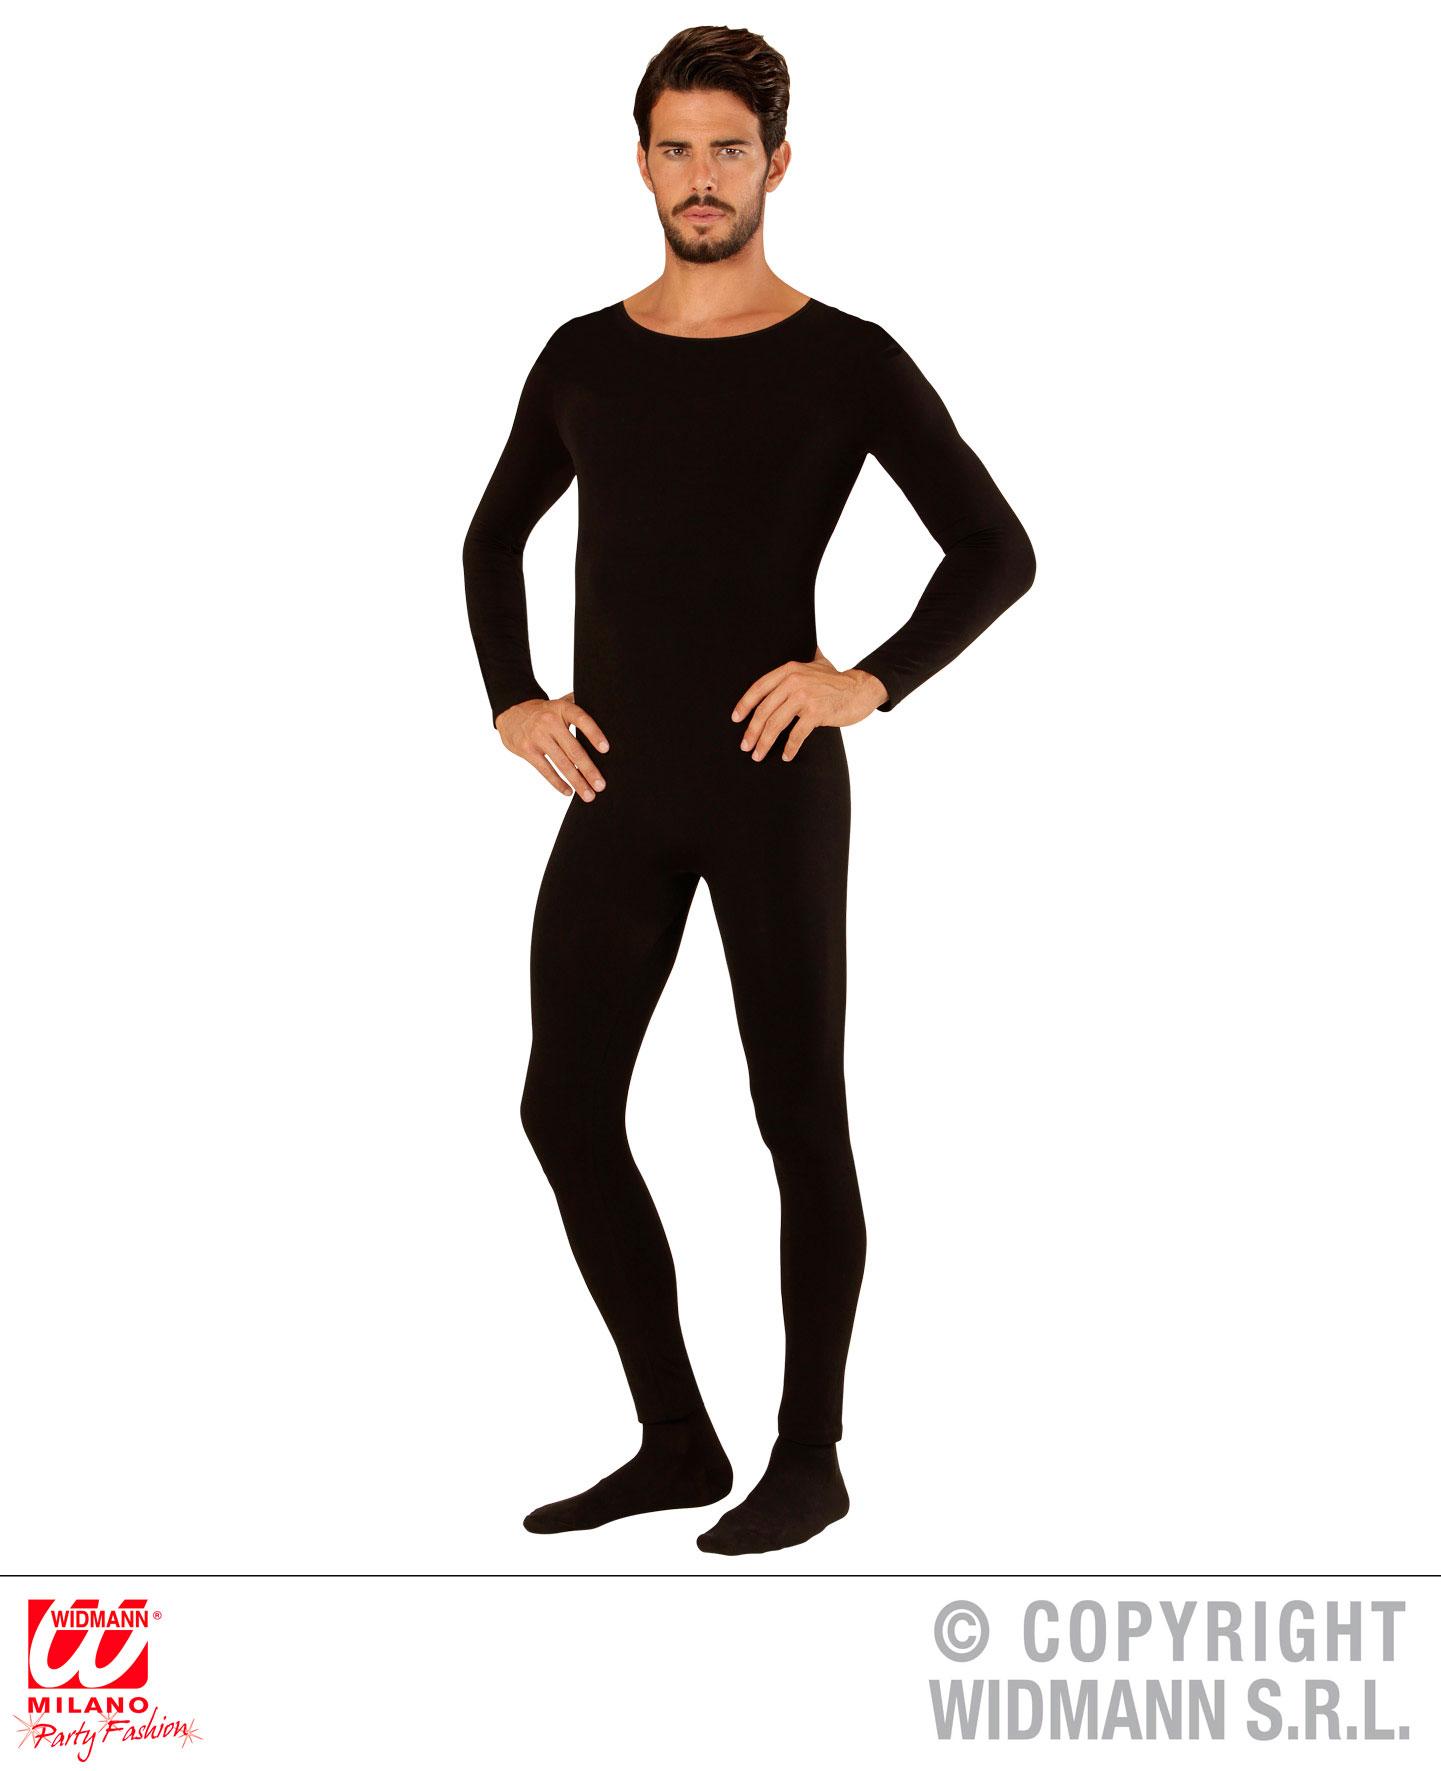 Herren Overall, Einteiler Body Jumpsuit, Sport Tanz schwarz, Herren, M, L, XL